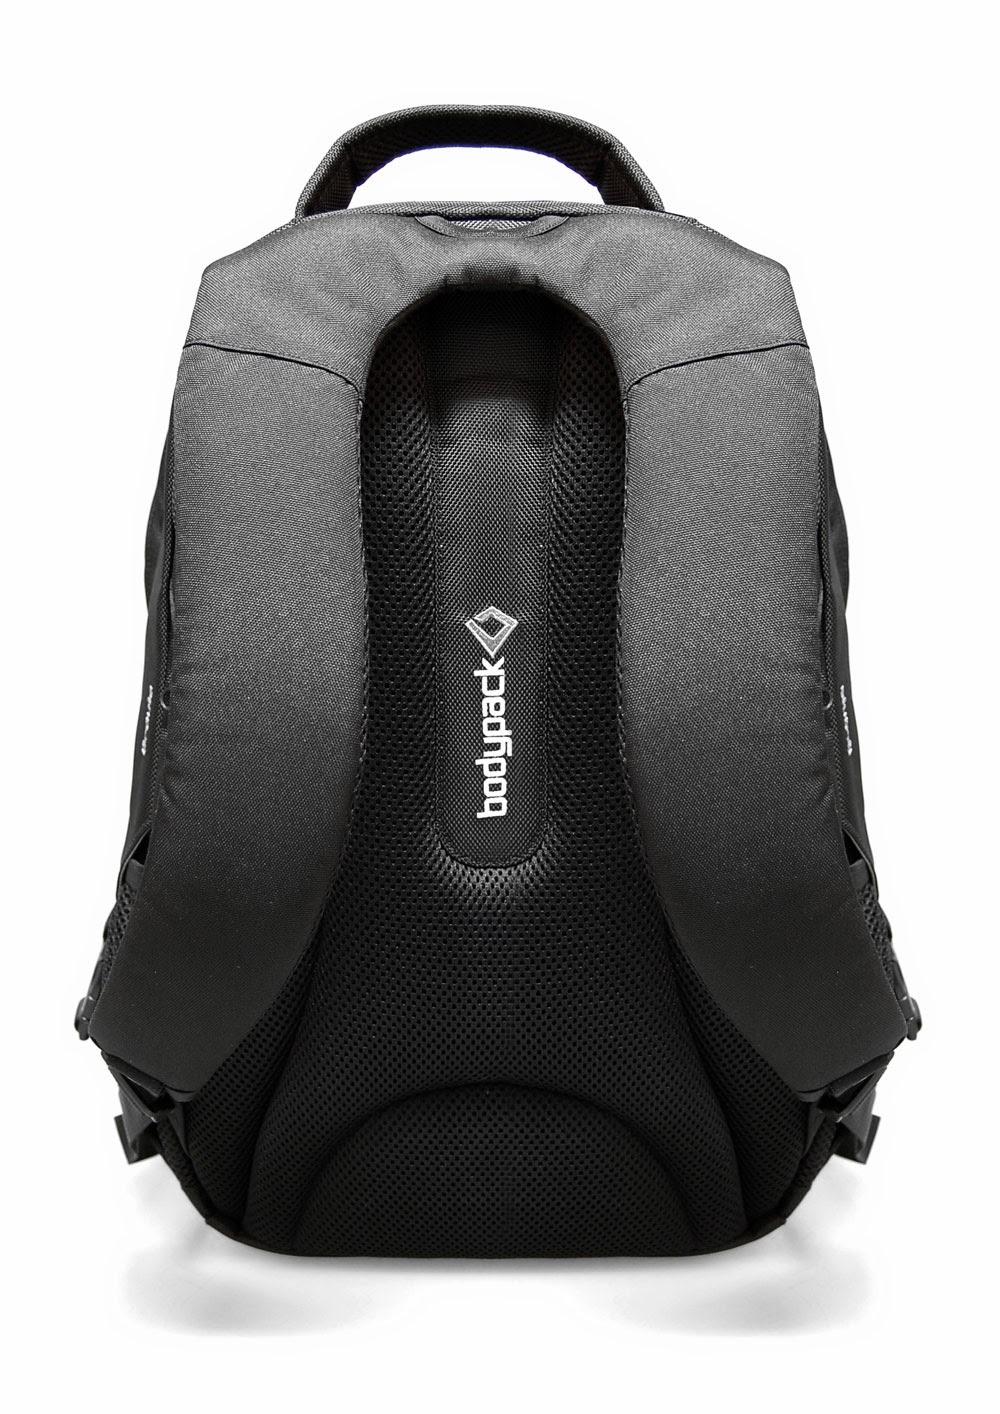 Bodypack Bravia Ii Hitam Daftar Harga Terkini Dan Terlengkap Pasar Tsi Pad Loader 021 Article 2480